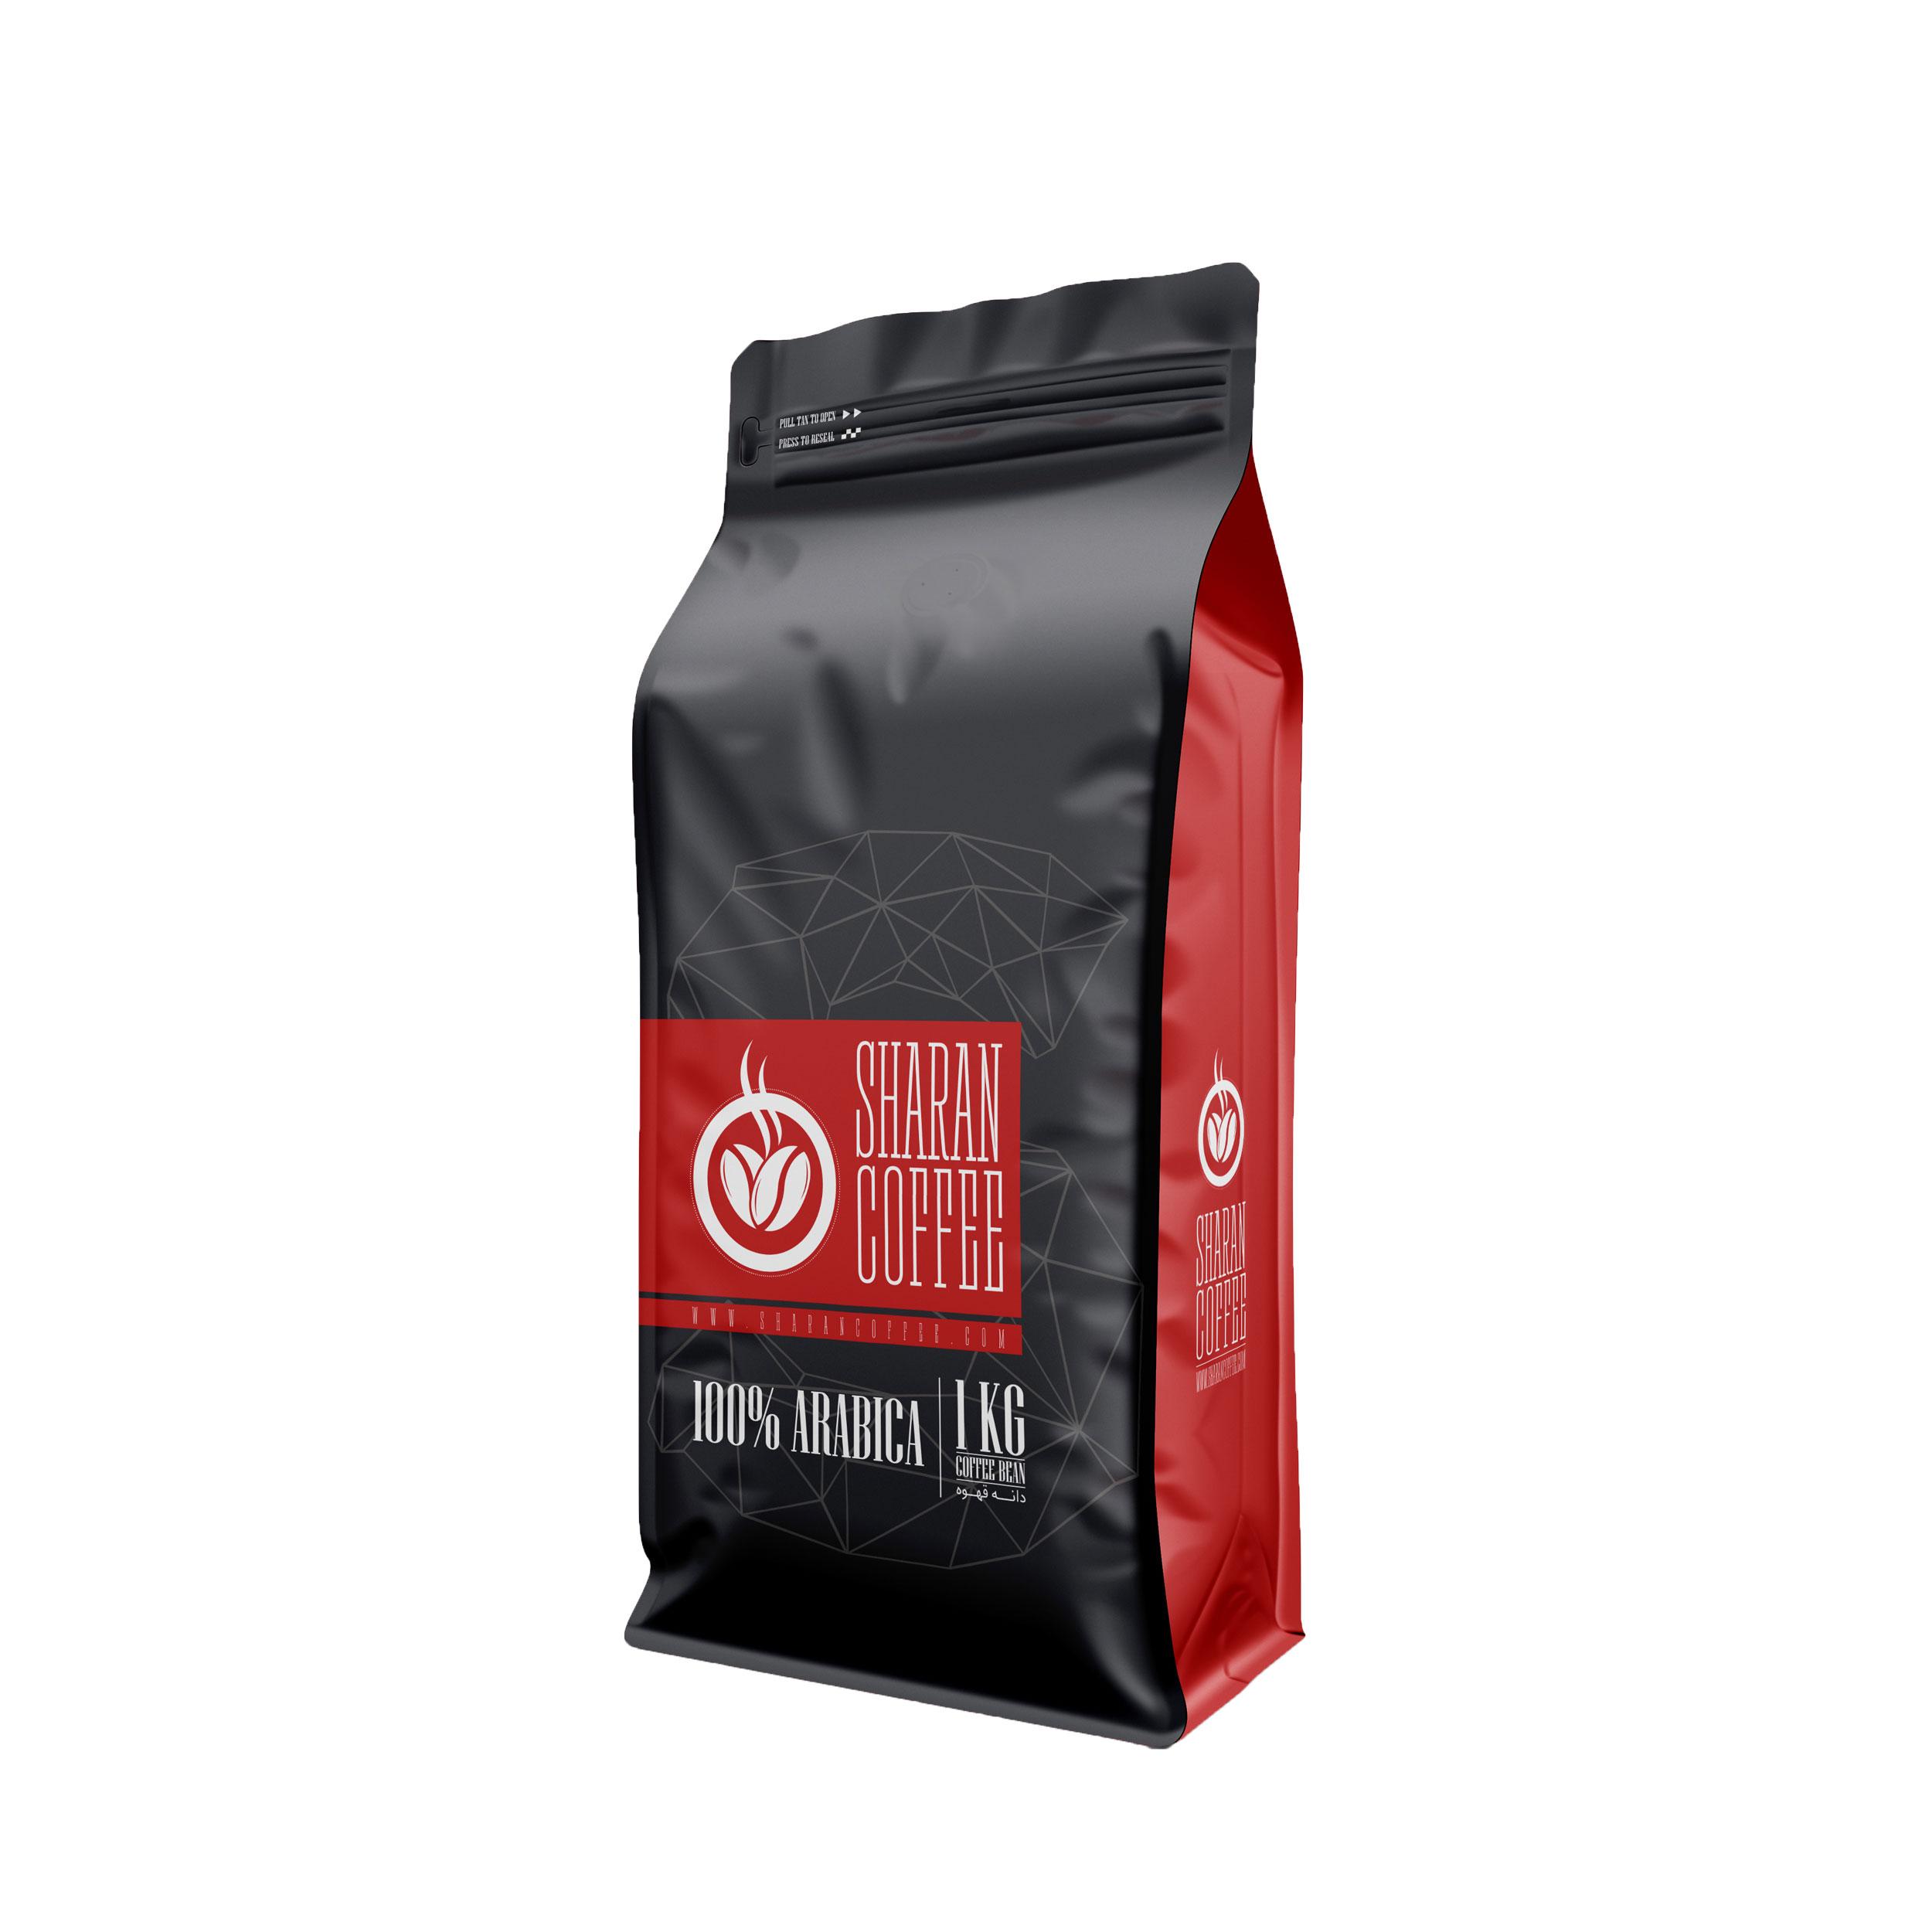 دانه قهوه تانزانیا عربیکا شاران - 1 کیلوگرم